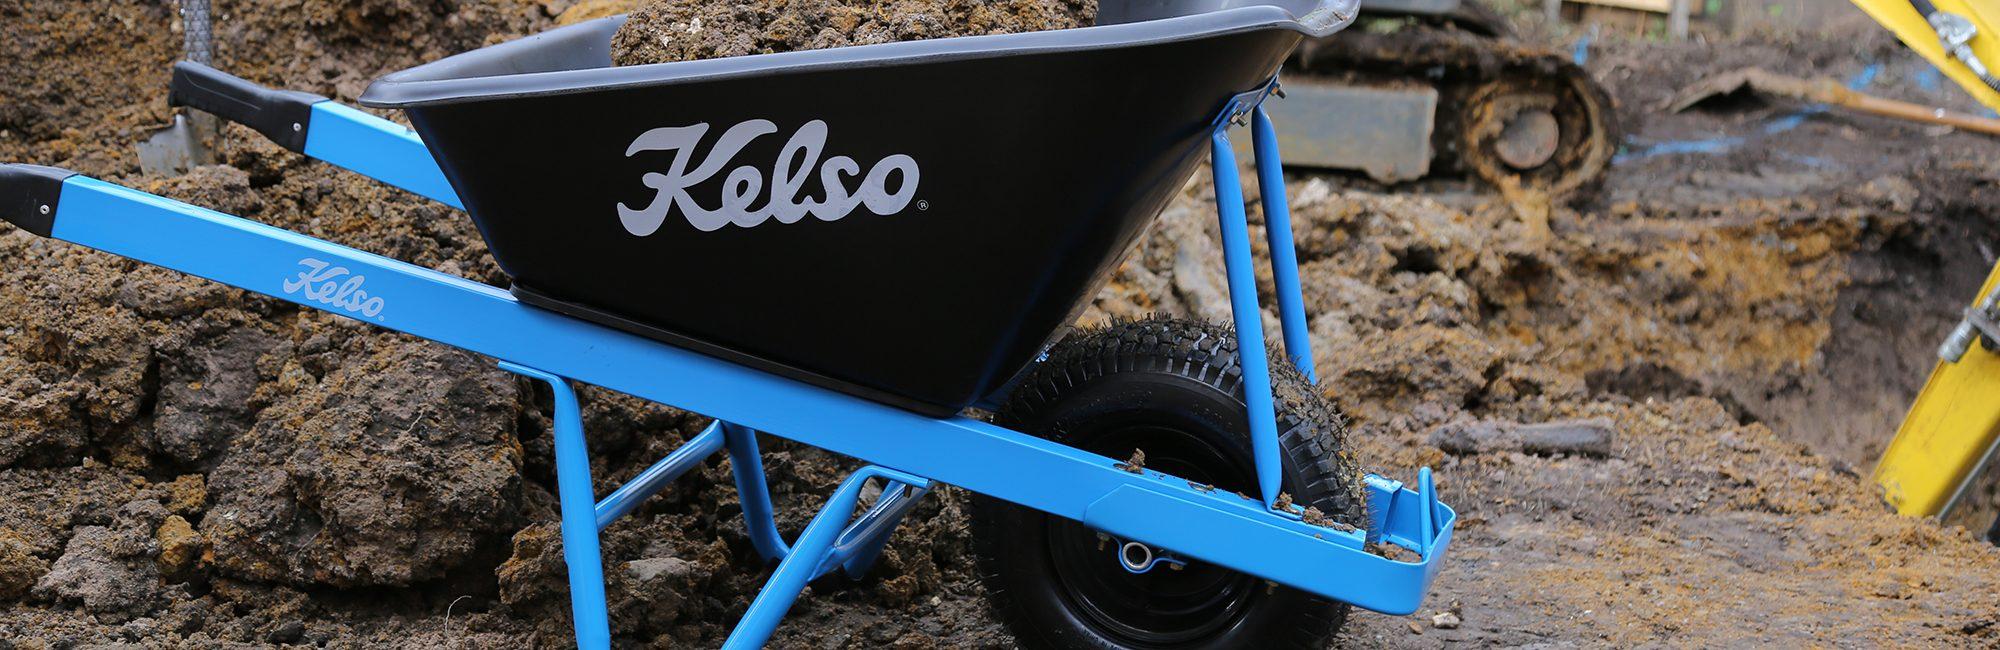 kelso-new-bg